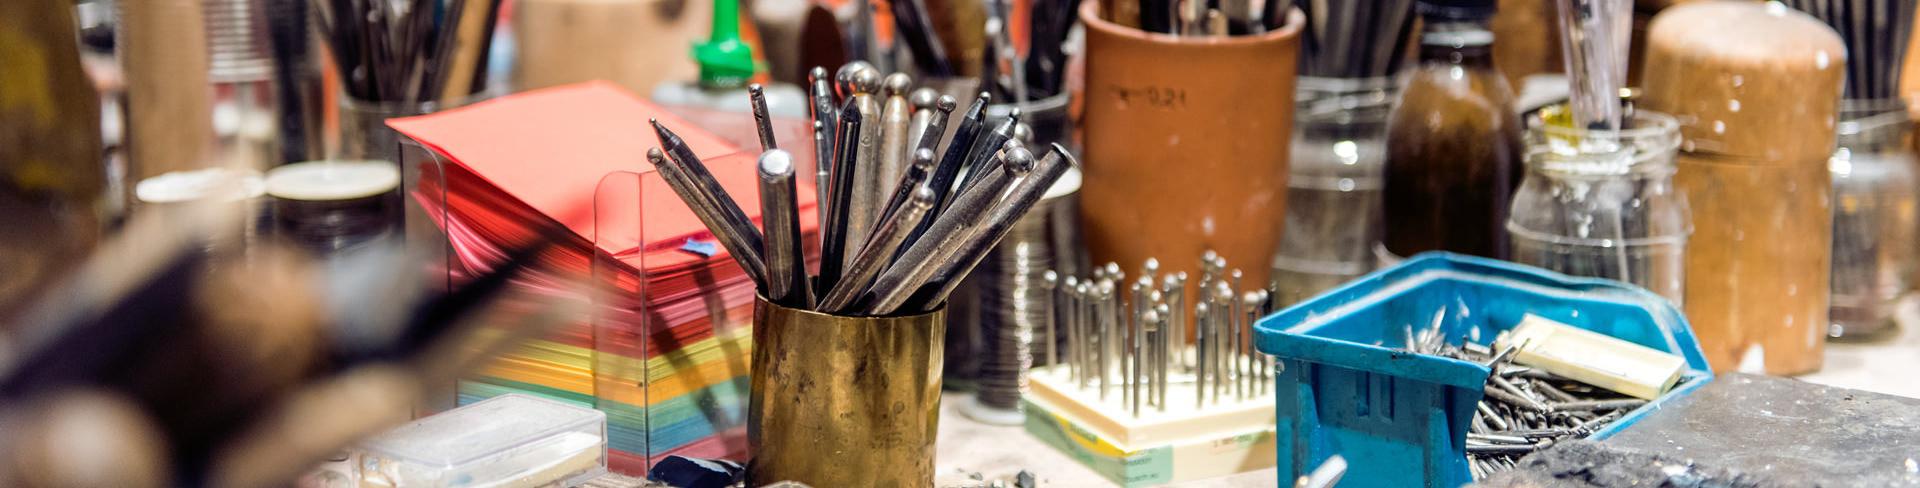 Produkte Schmuck Goldschmiede Werkstatt